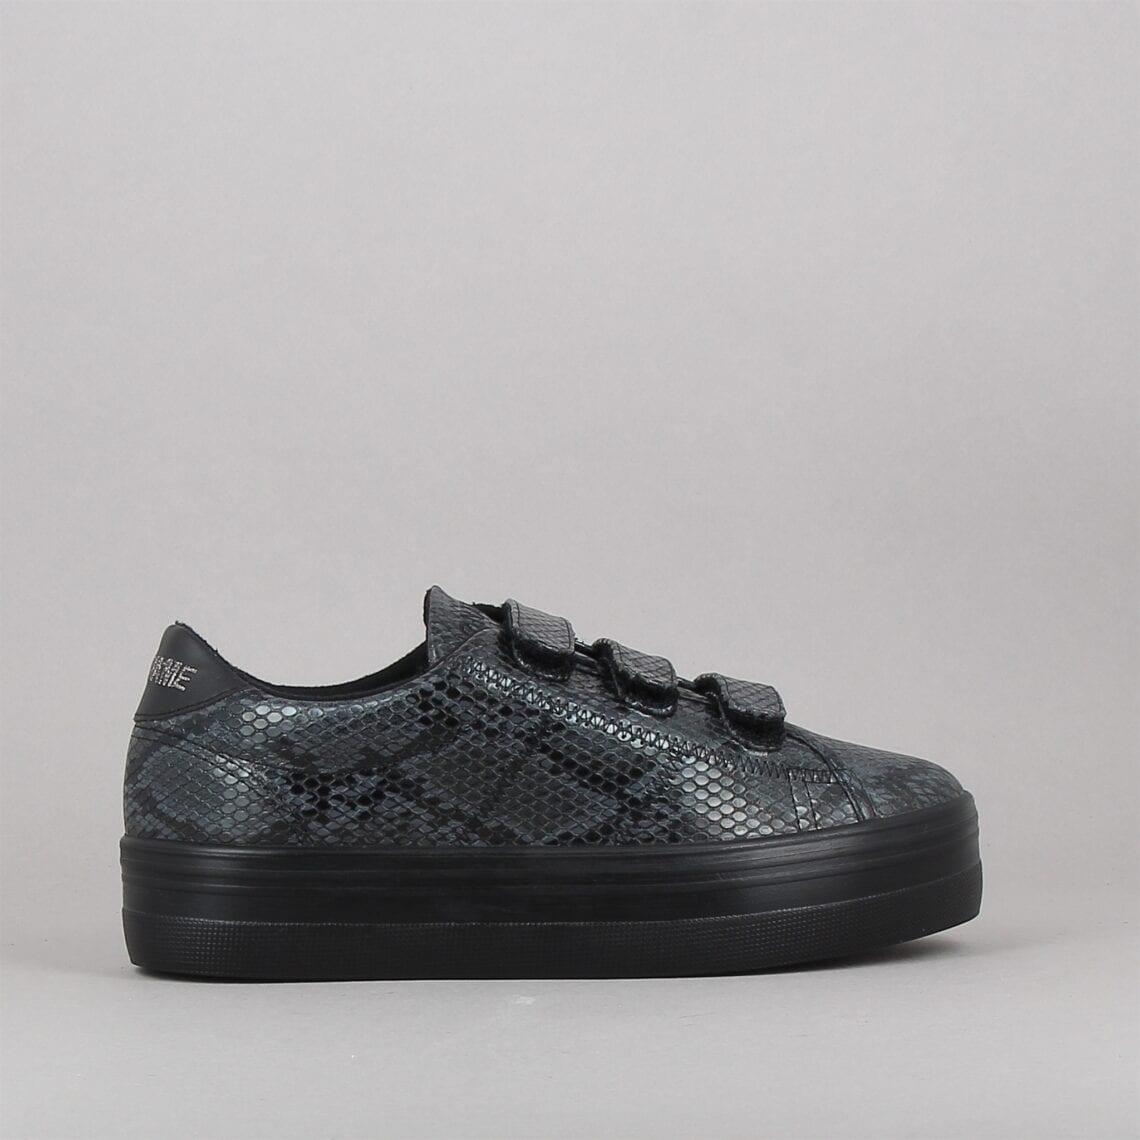 plato-staps-kobra-noir-181567490-0.jpg